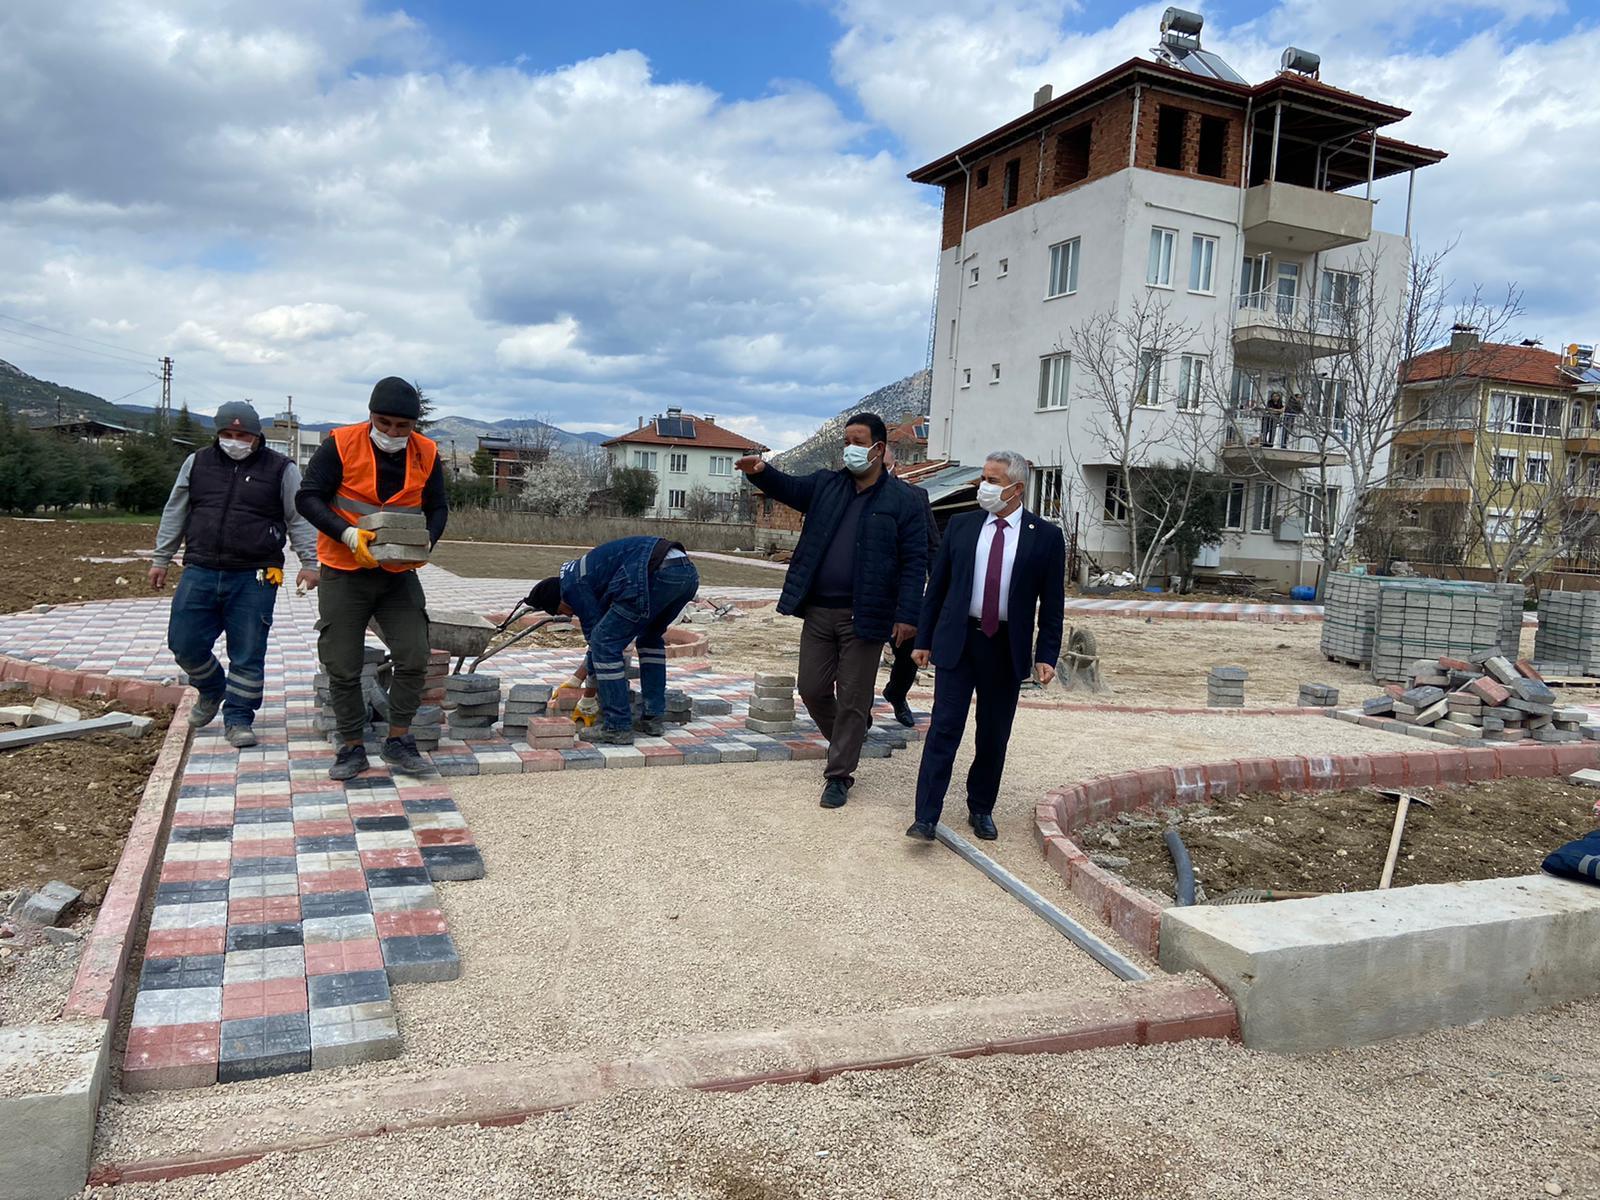 Hayırsever Şerife Atan'ın  Bağışladığı Arsa Bucak'ta Çocuk Parkı Oluyor